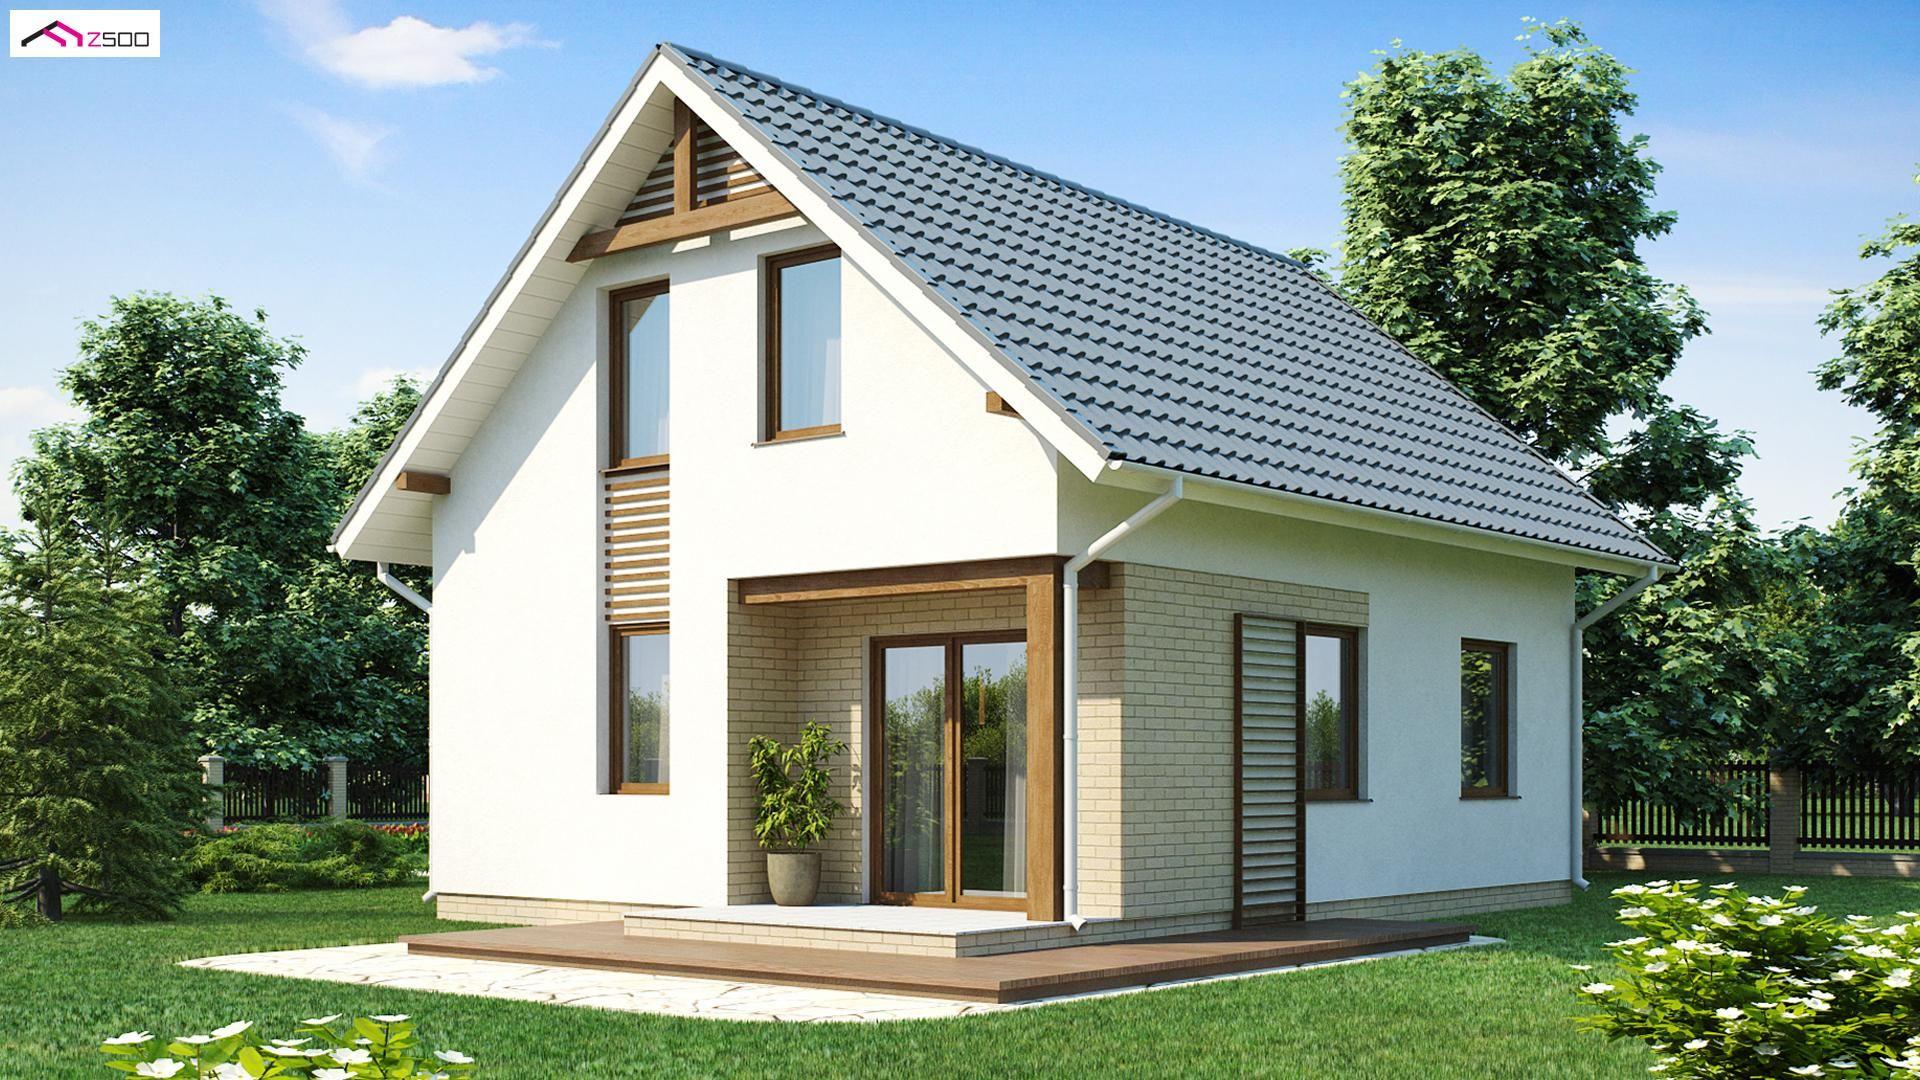 Techwood House Z500 Casas Prefabricadas House In 2018 House